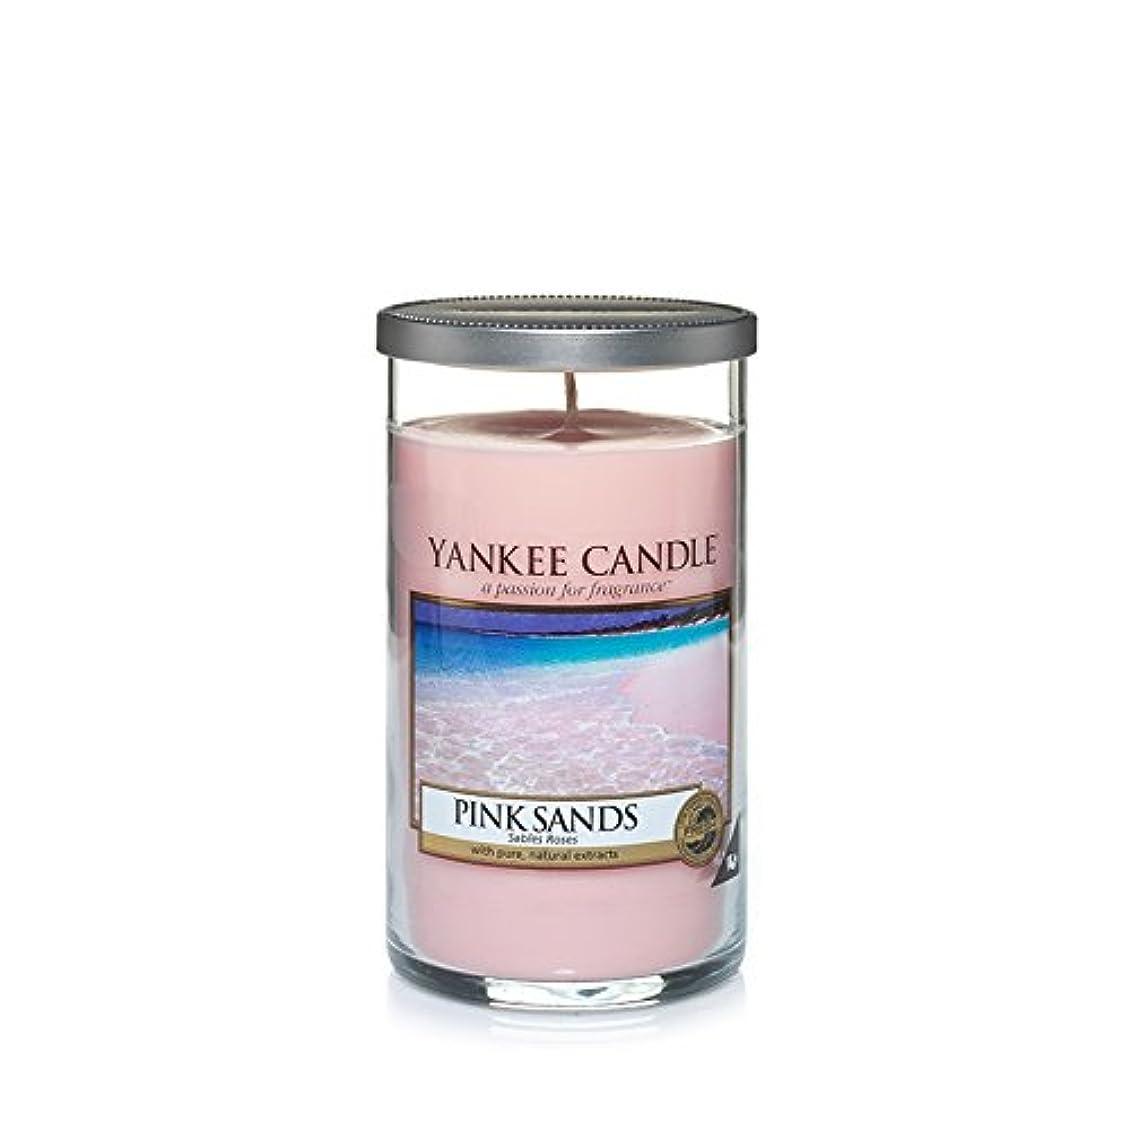 アスリート最大作家Yankee Candles Medium Pillar Candle - Pink Sands? (Pack of 6) - ヤンキーキャンドルメディアピラーキャンドル - ピンクの砂? (x6) [並行輸入品]